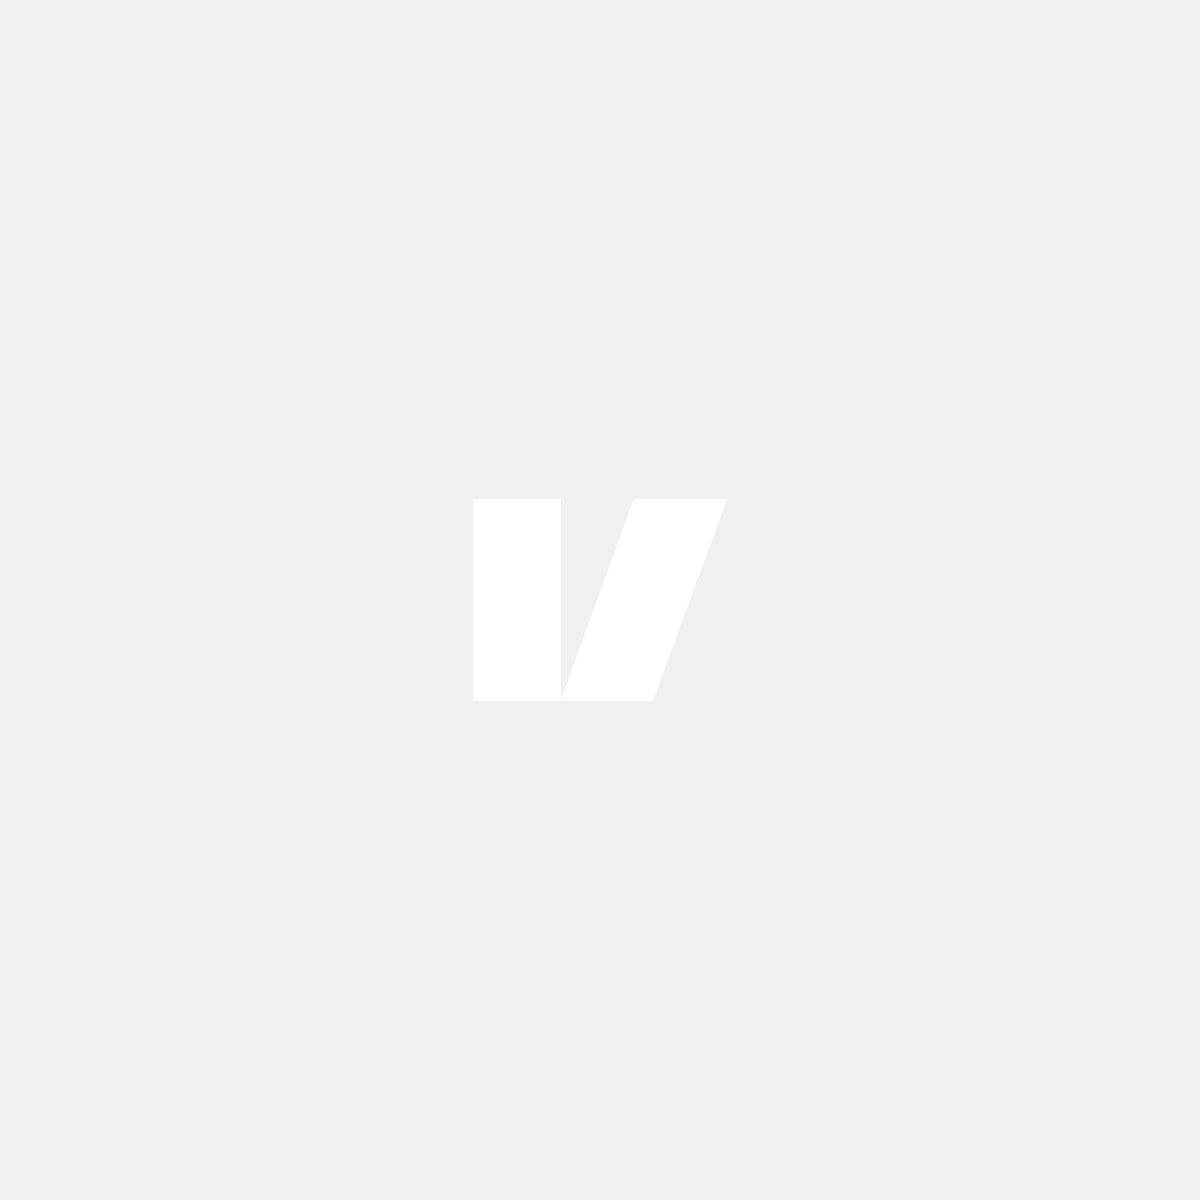 Bakljus klarglas till Volvo V70, XC70 01-07, höger övre